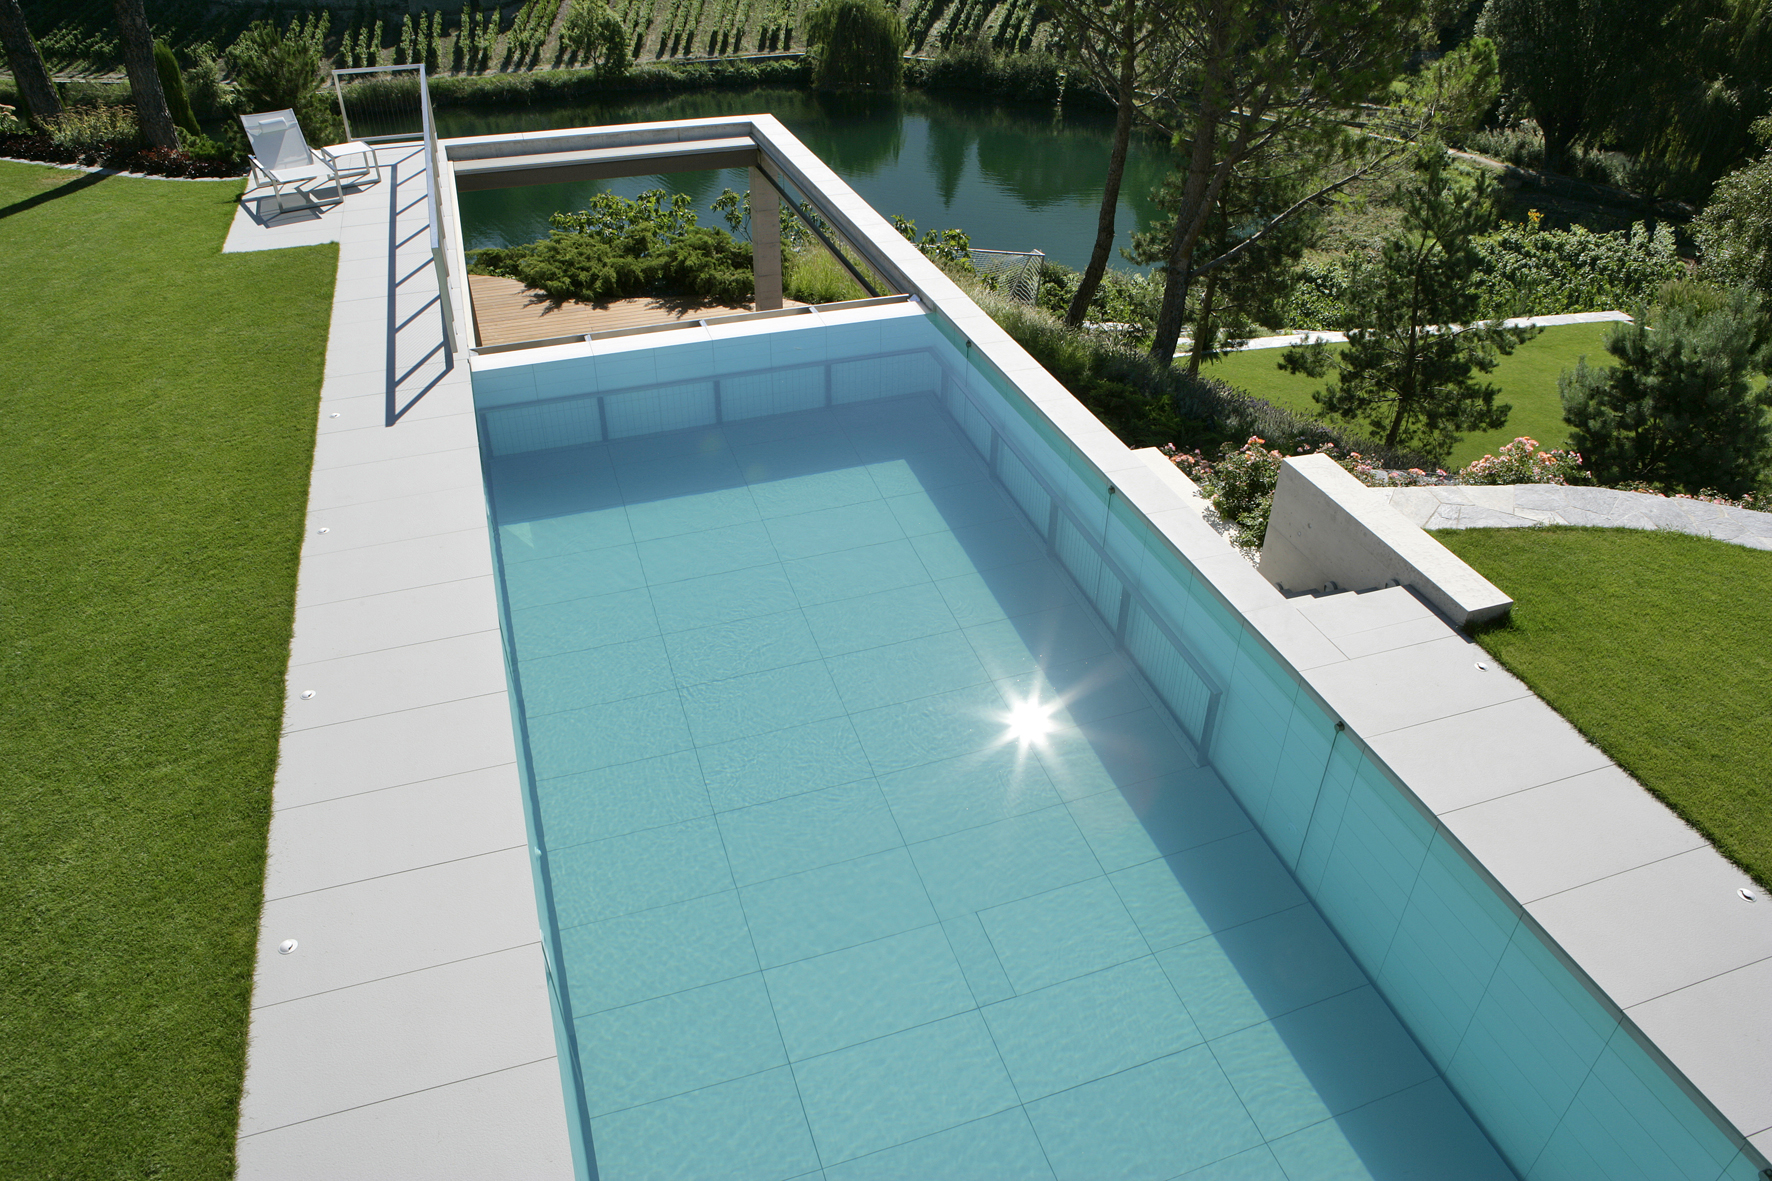 piscine dans son jardin verdoyant installée en Suisse et lauréate des Trophées de la piscine 2018 catégorie Piscine installée à l'étranger